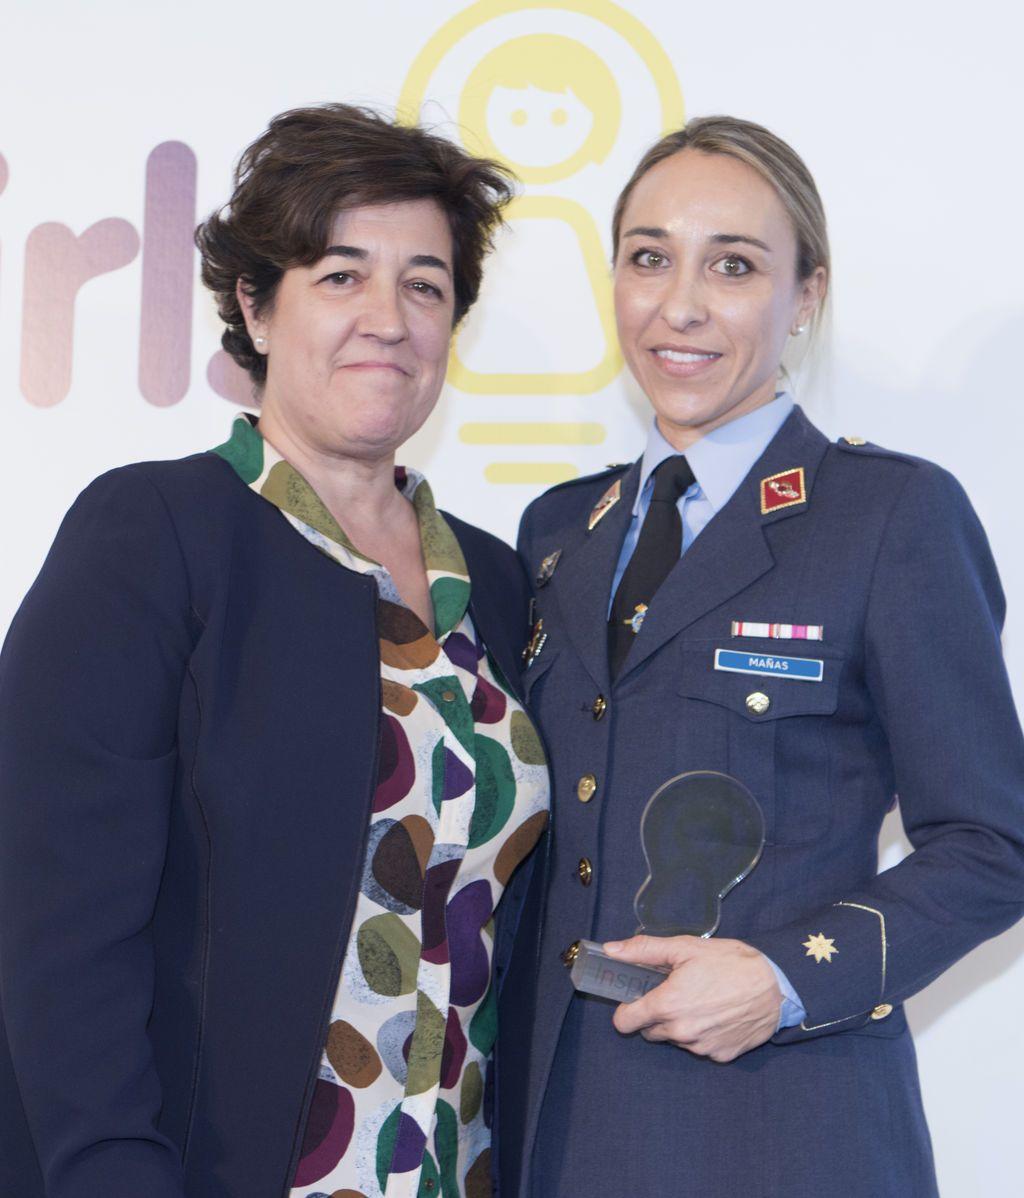 Elena_Pisonero-Pilar_Mañas